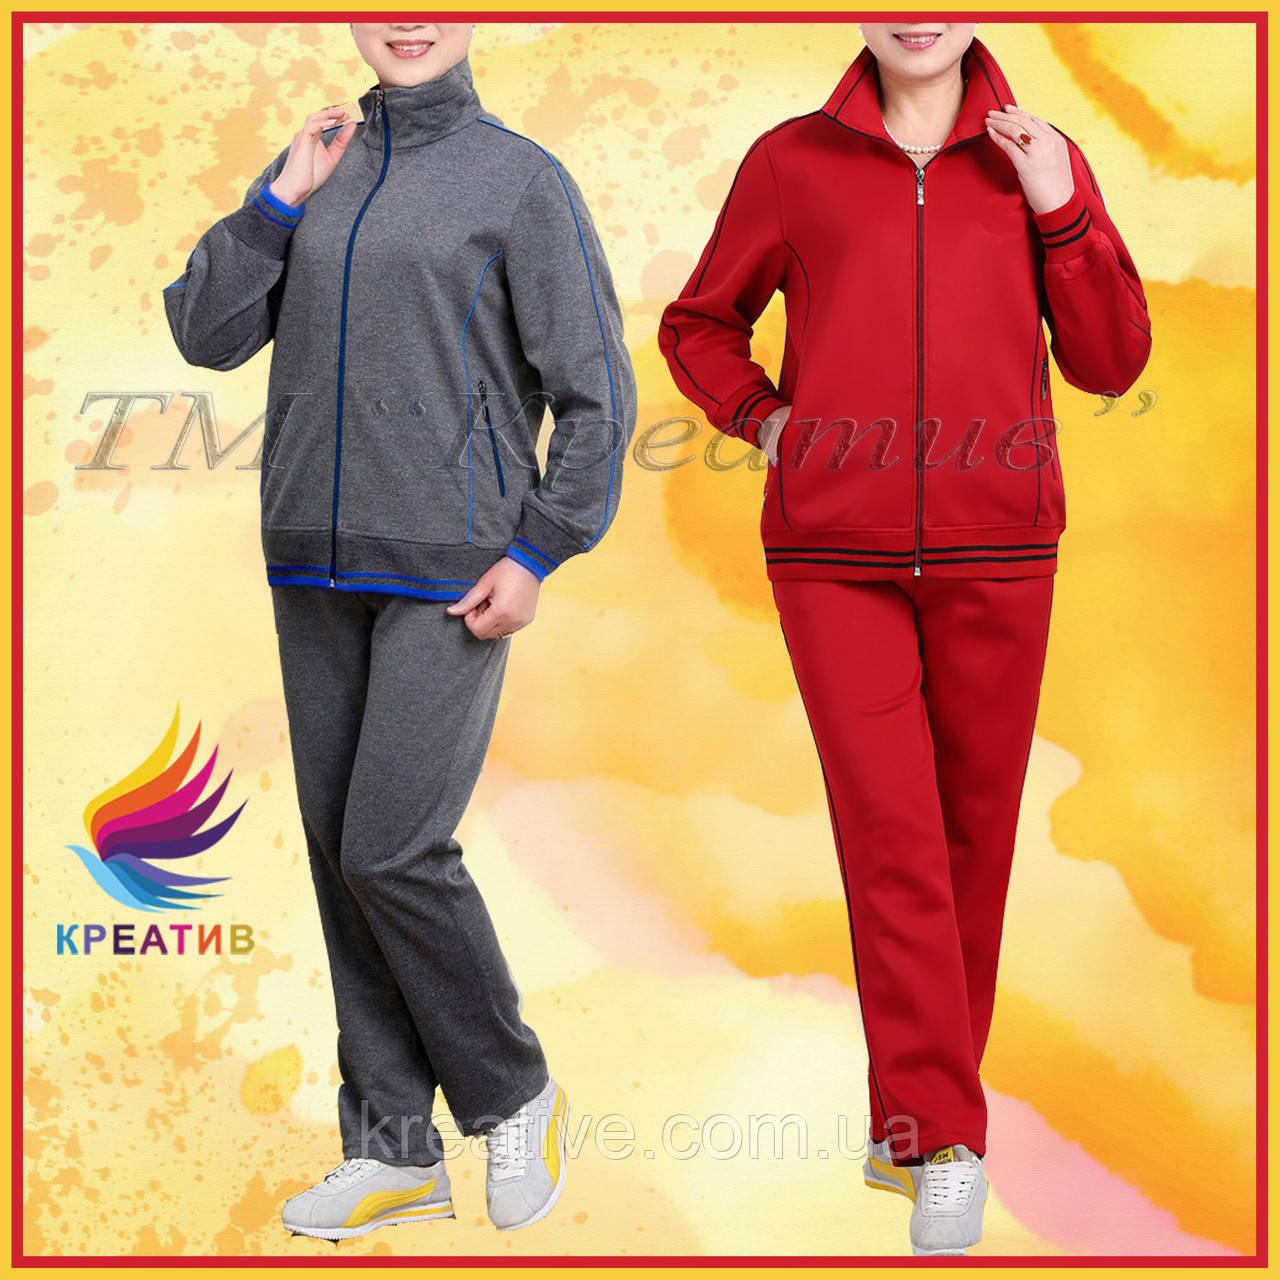 Оптом спортивные костюмы кофты брюки (под заказ от 50 шт.)  продажа ... c2be17a844b